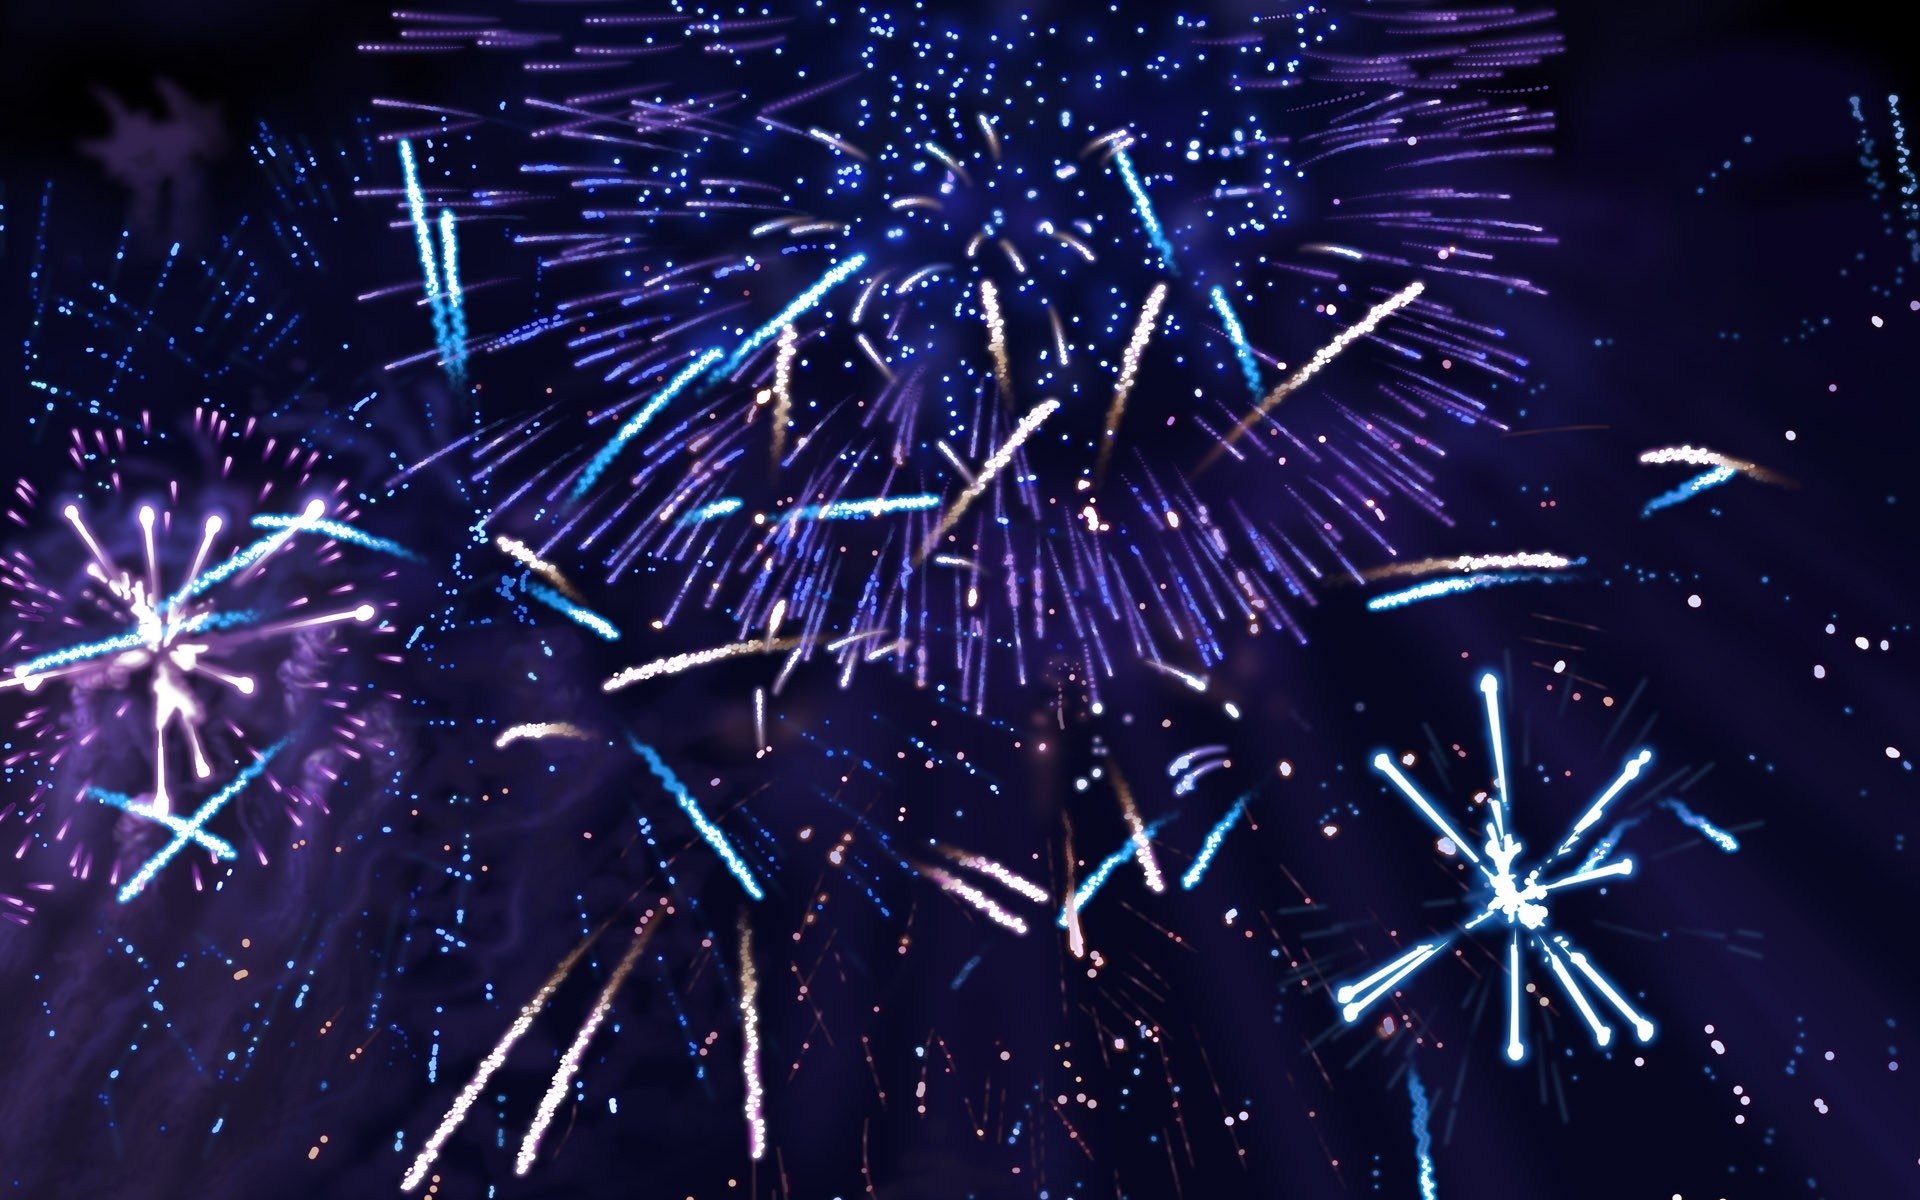 Oraşul Lipova a intrat în Noul An, 2016, cu foarte multă lumină şi scântei.